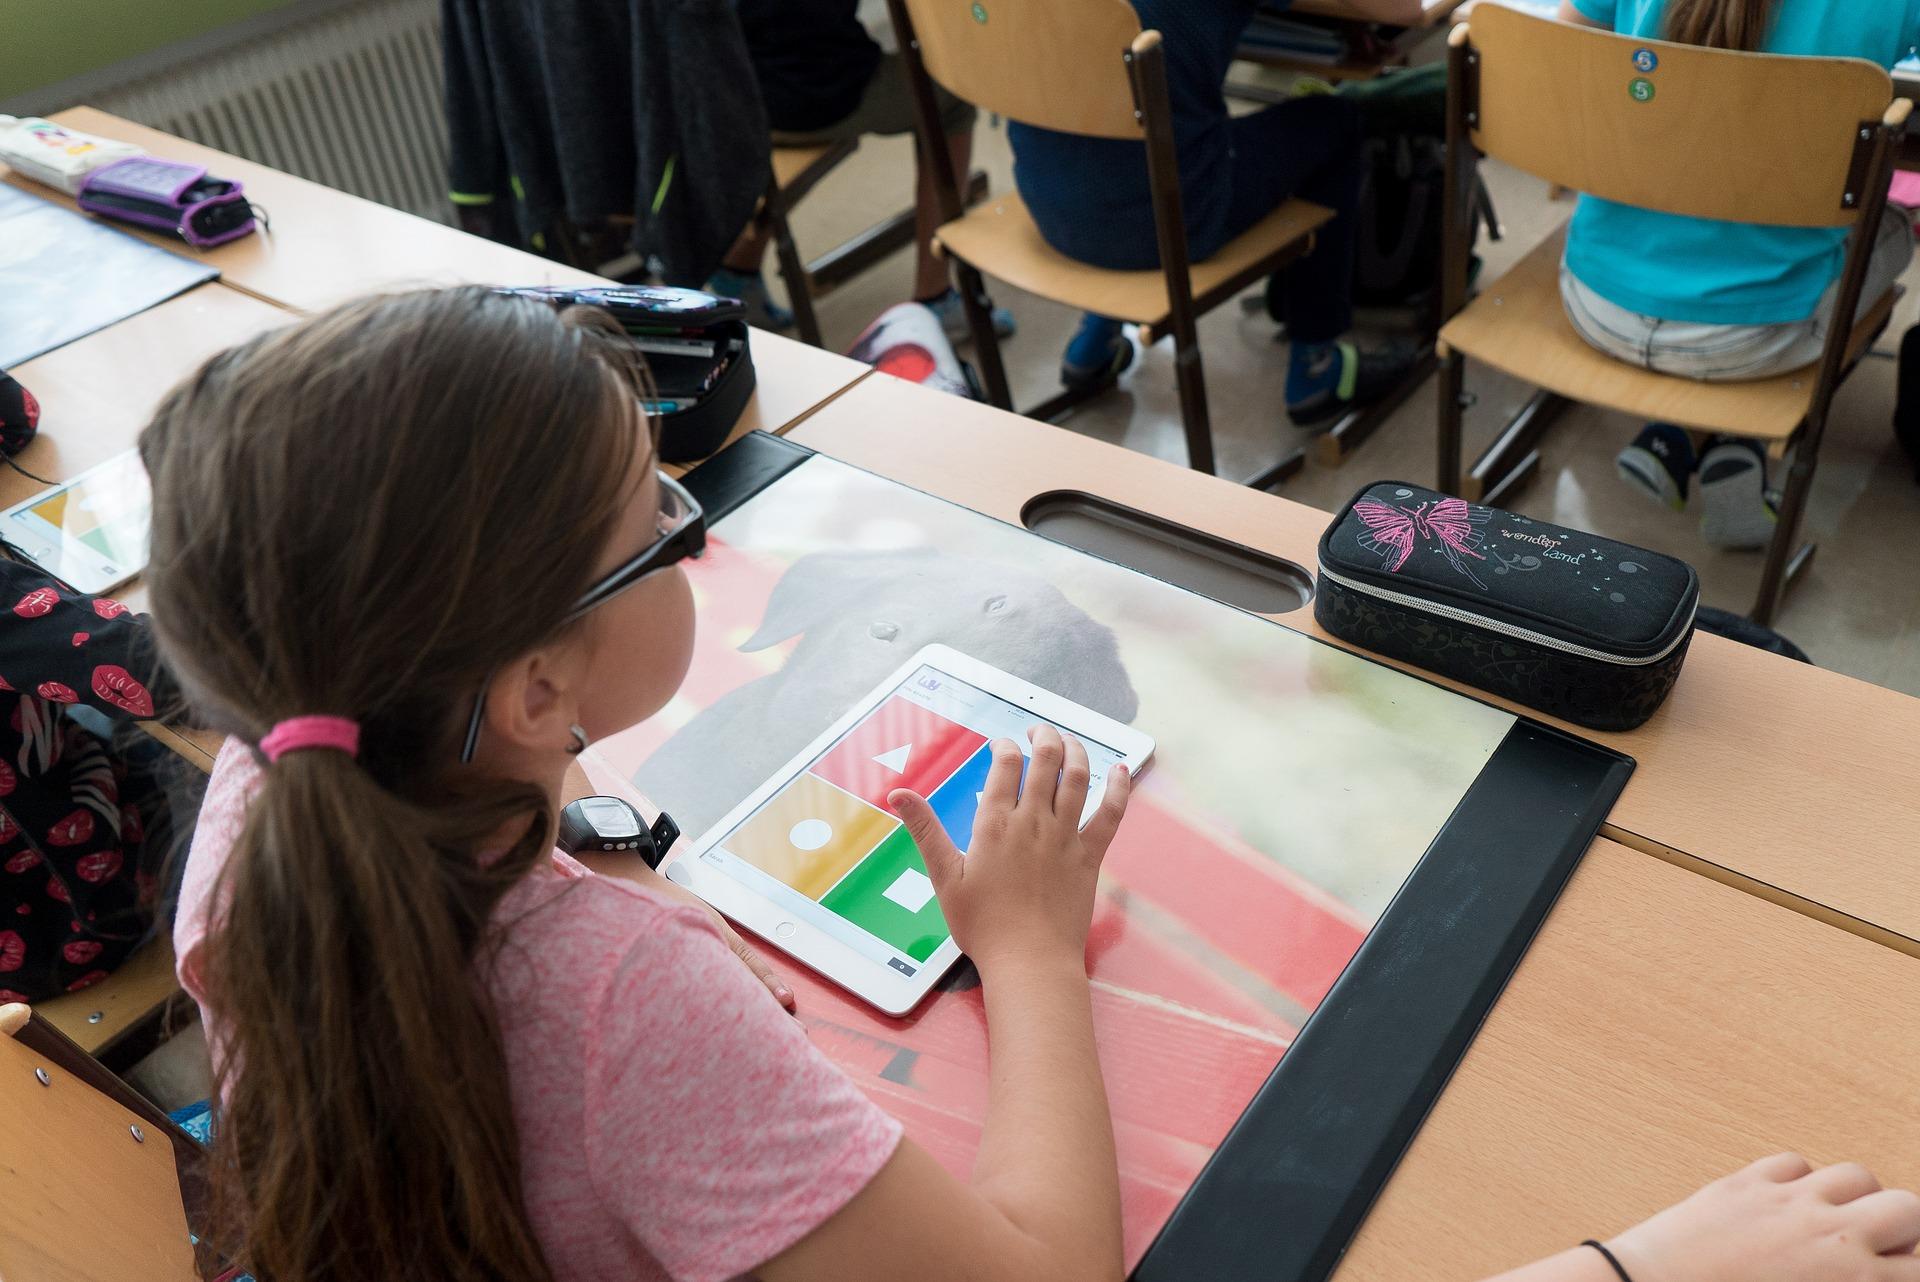 El Síndic pide libros de texto accesibles para alumnos con discapacidad visual grave